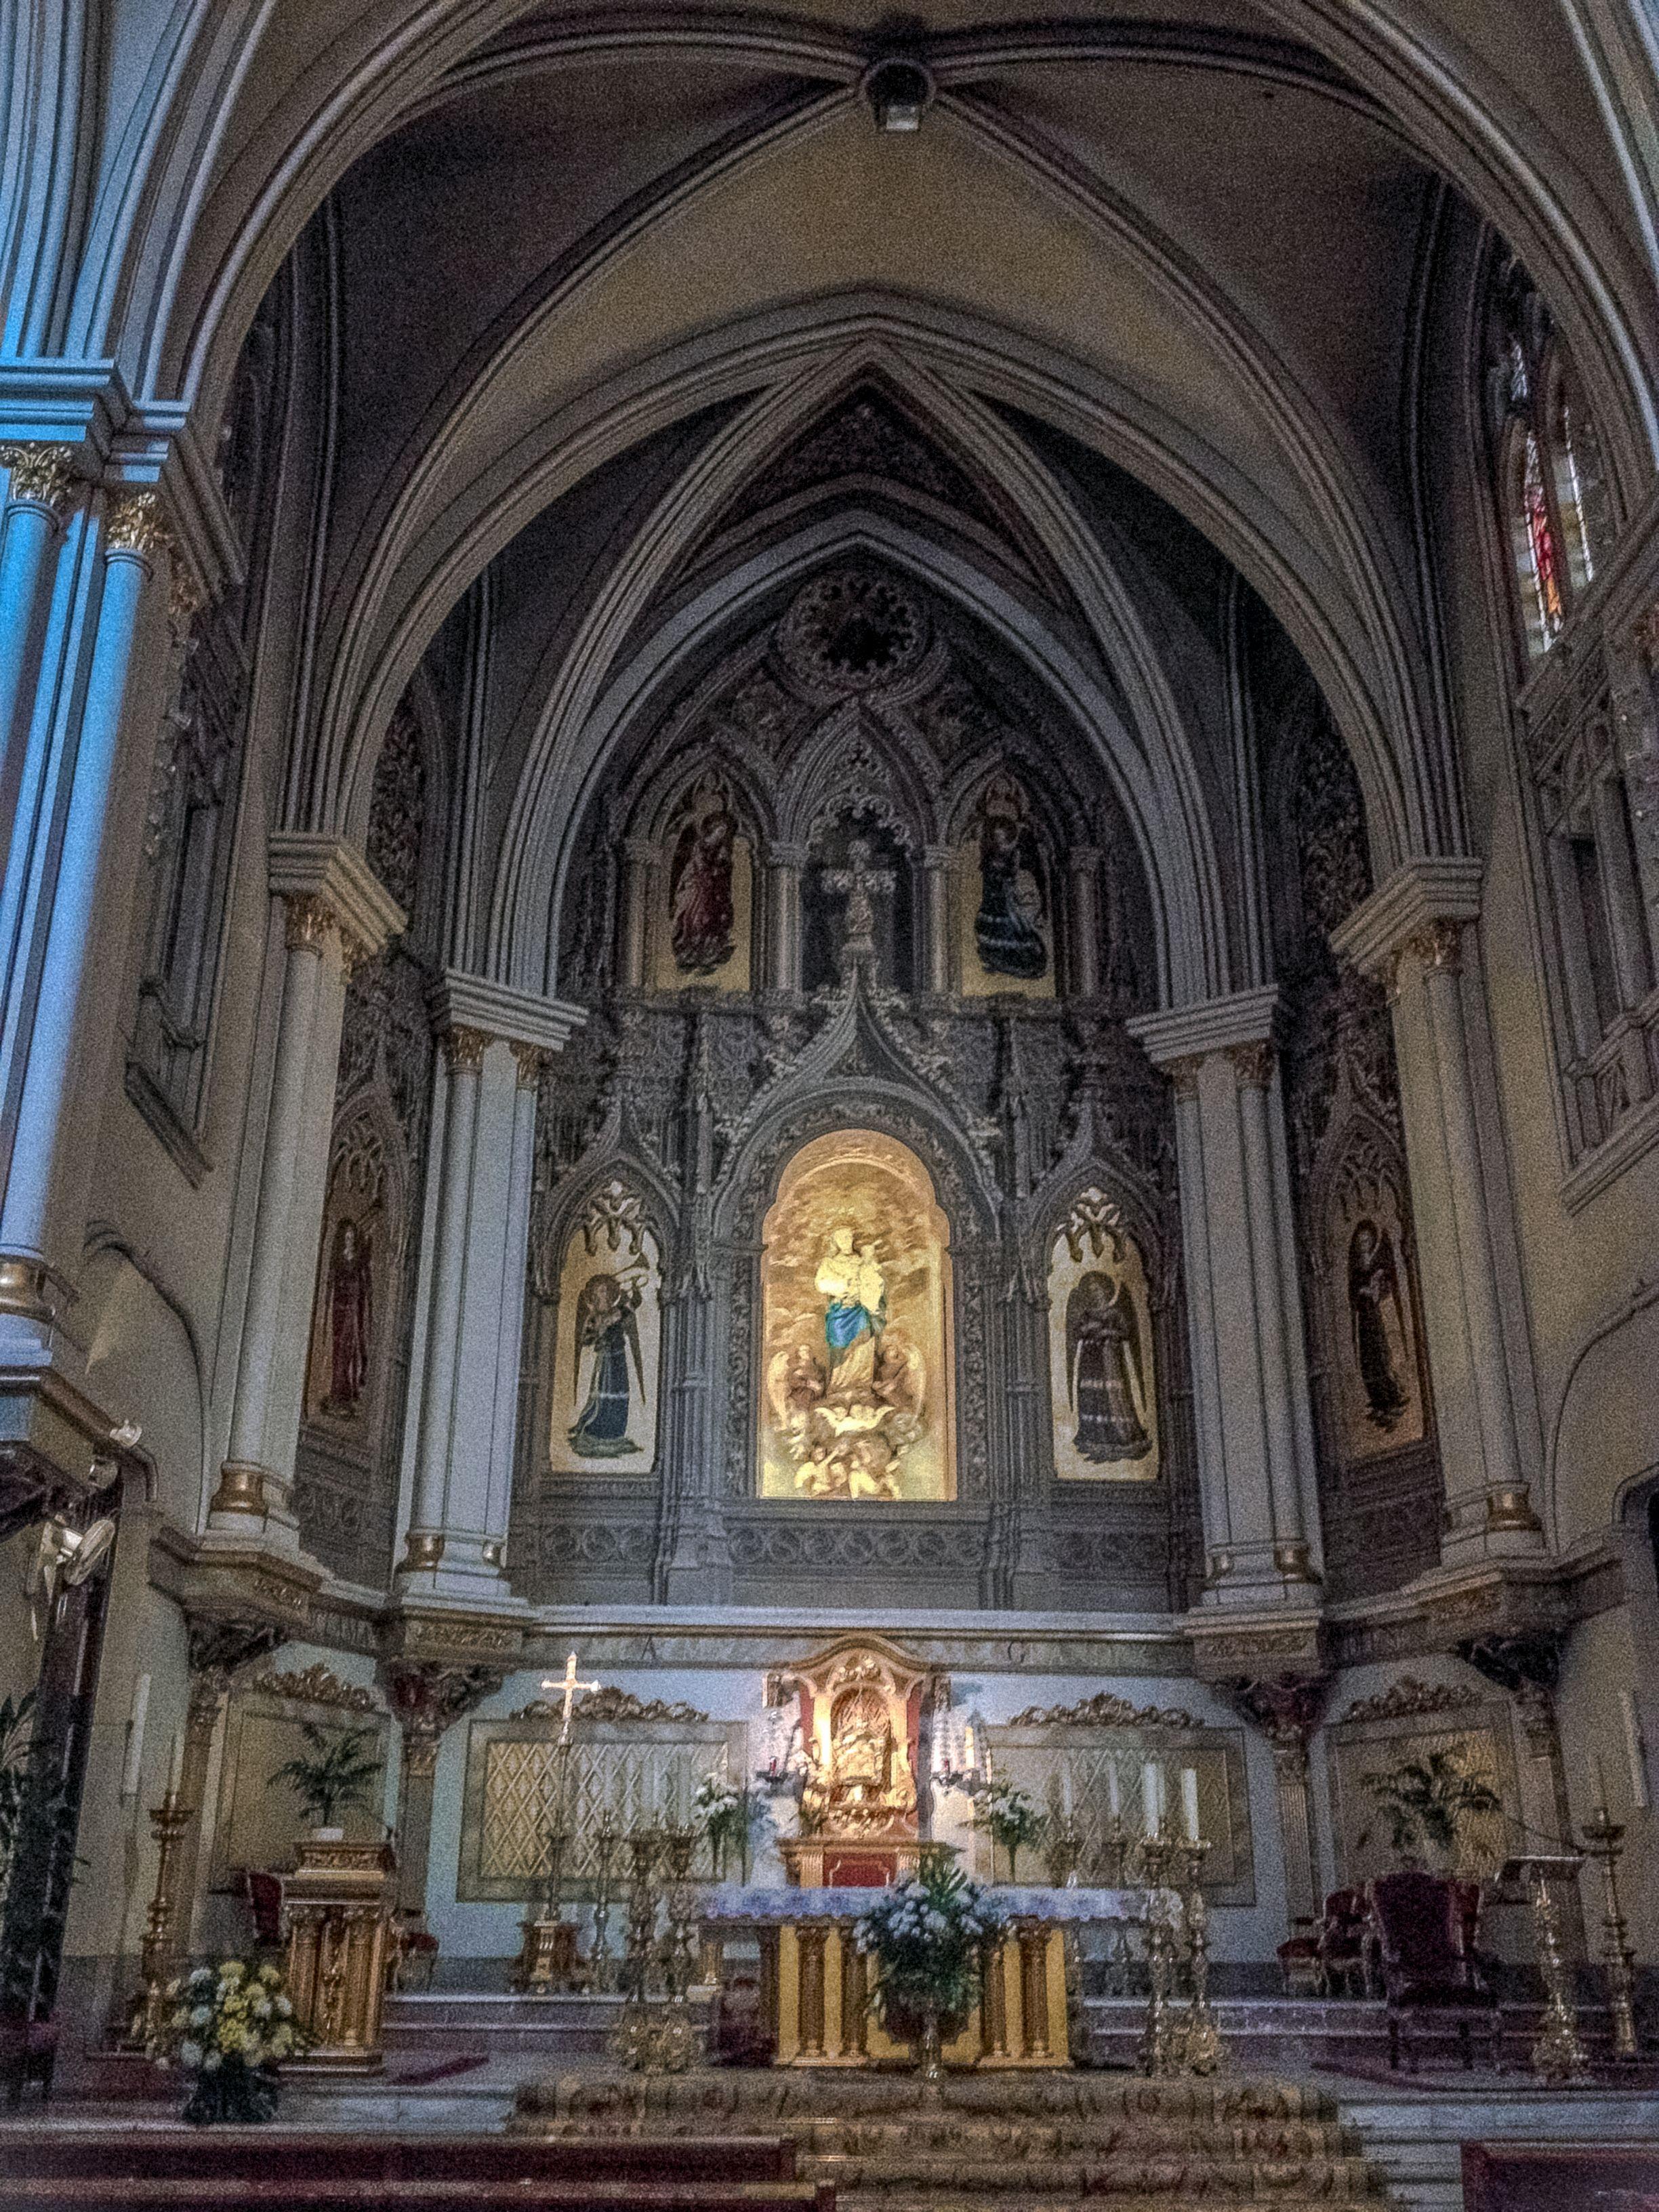 Interior Parroquia De Nuestra Señora De Los ángeles Calle Bravo Murillo 93 Madrid Ciudad Virgen De Los Angeles Iglesia